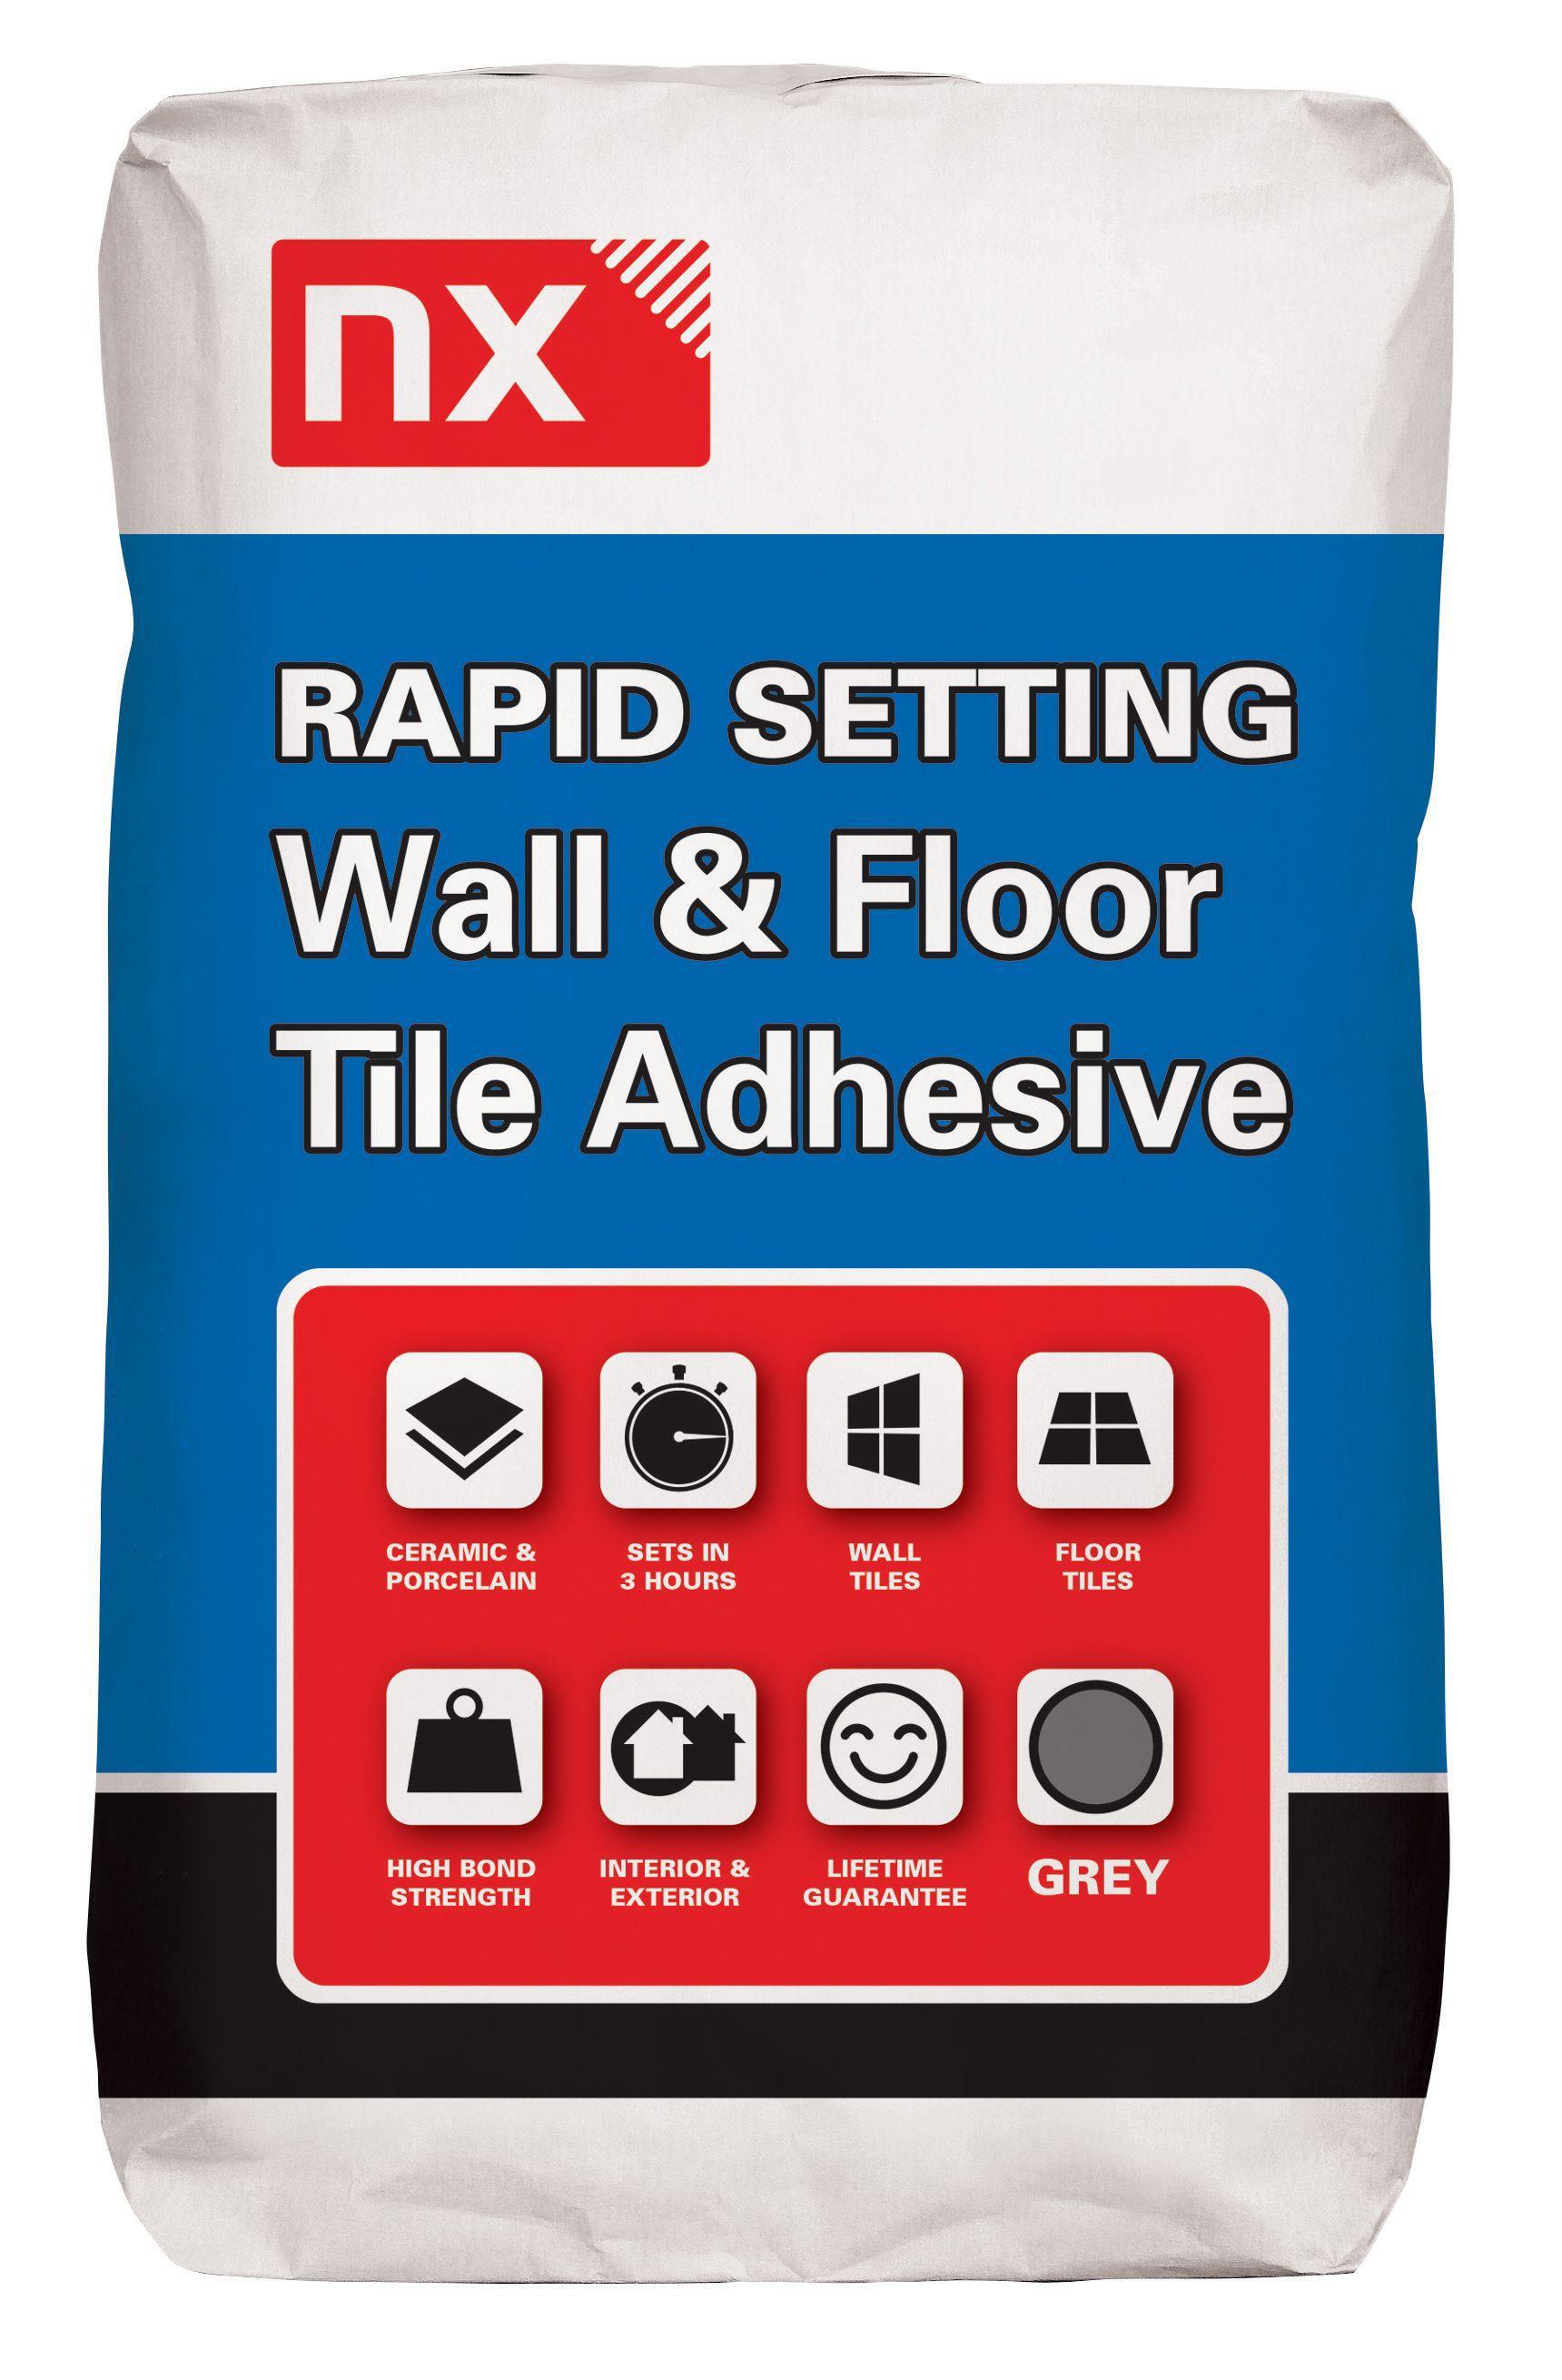 Nx rapid set no floor wall adhesive grey departments diy at bq nx rapid set no floor wall adhesive grey departments diy at bq dailygadgetfo Gallery